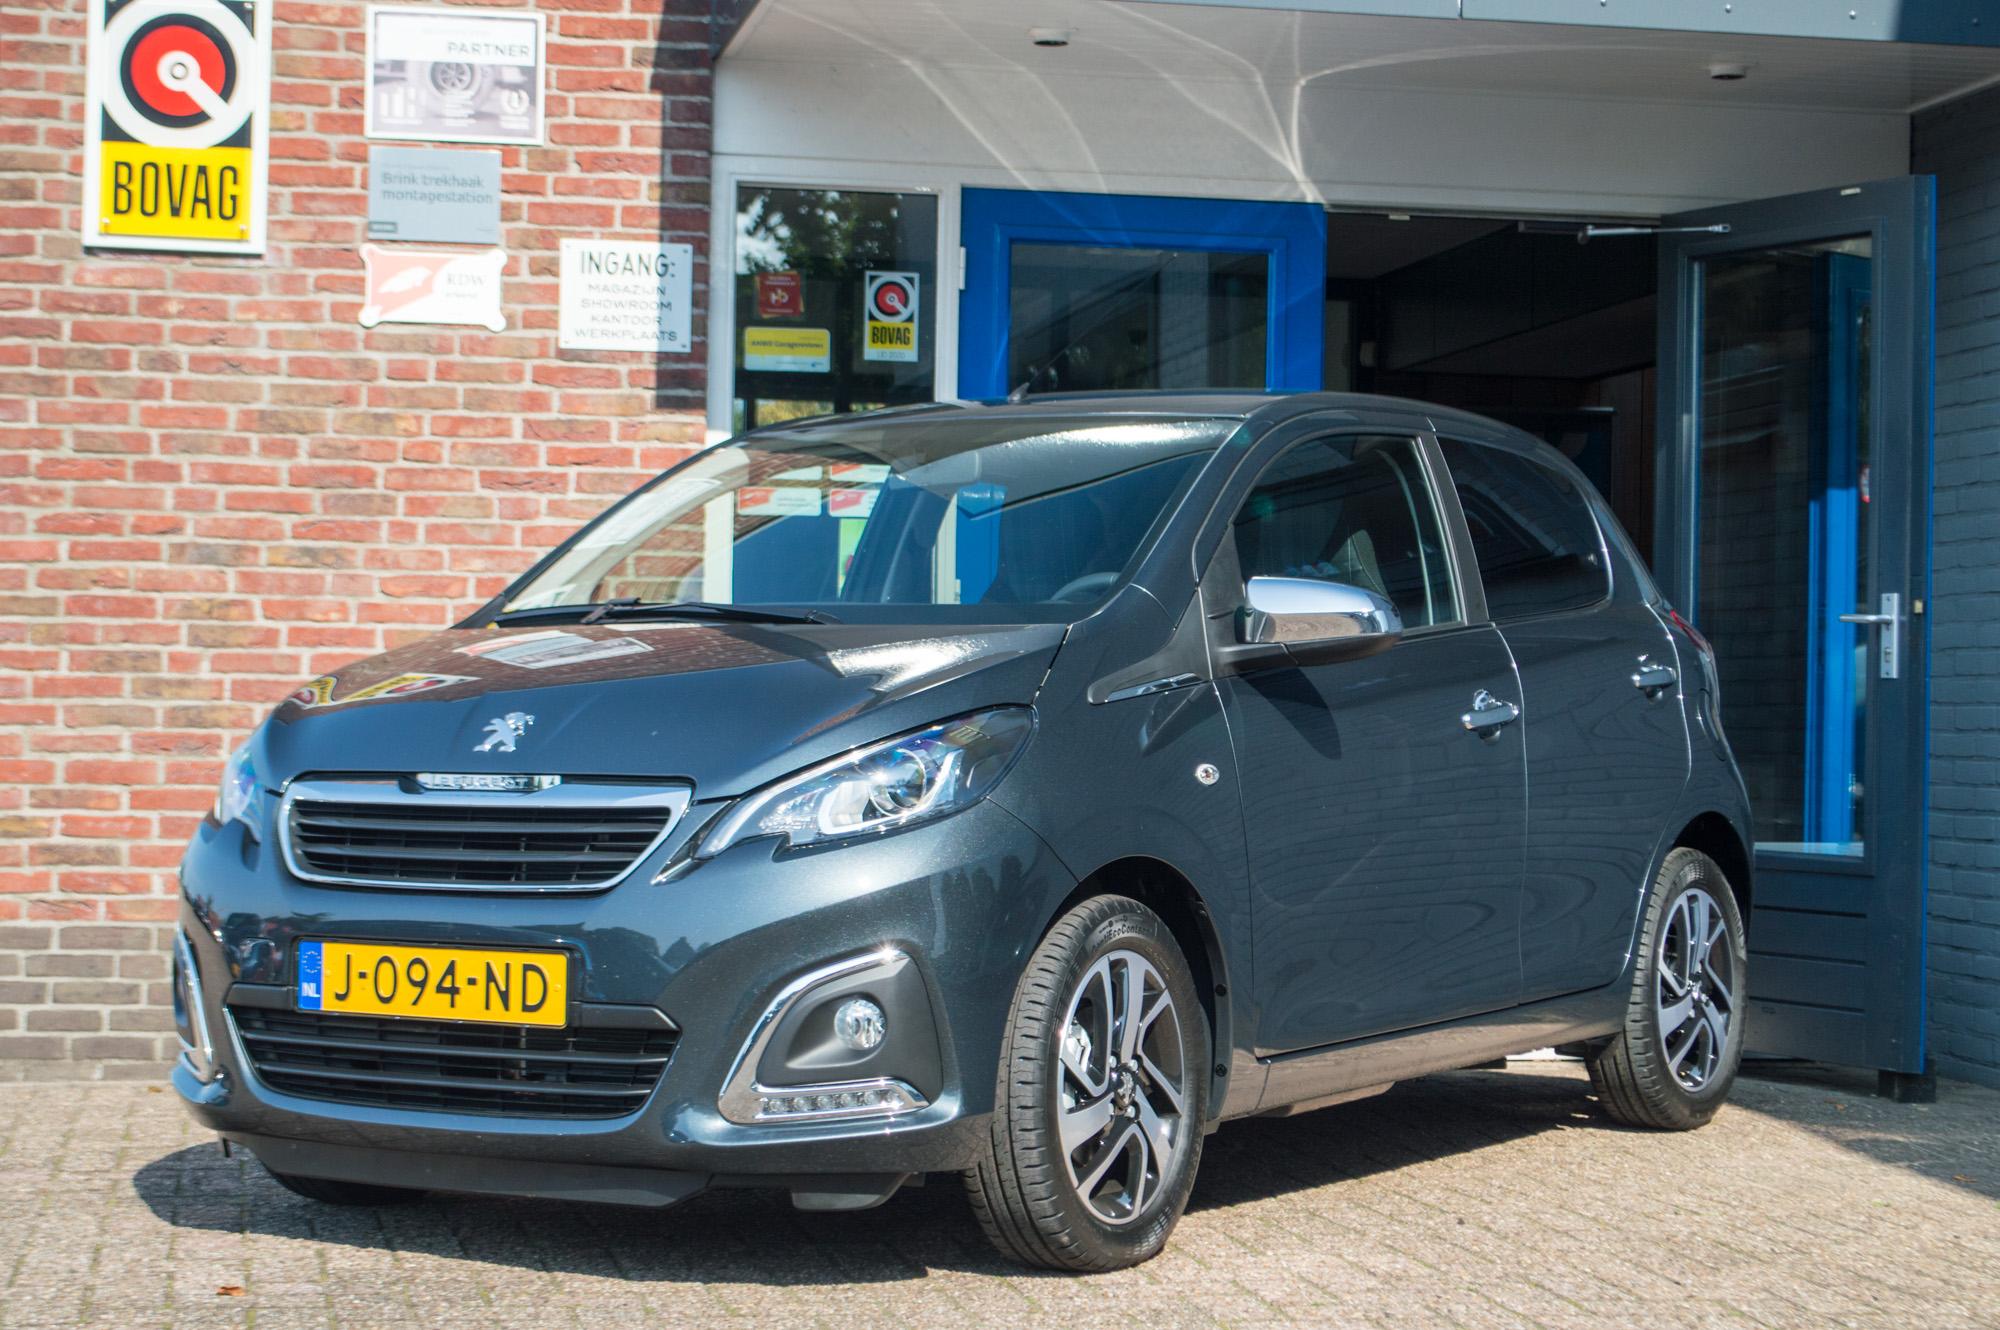 Peugeot 108 nieuw in de verhuurvloot bij Autohopper van As in Apeldoorn West. Per direct kunt u deze auto huren.